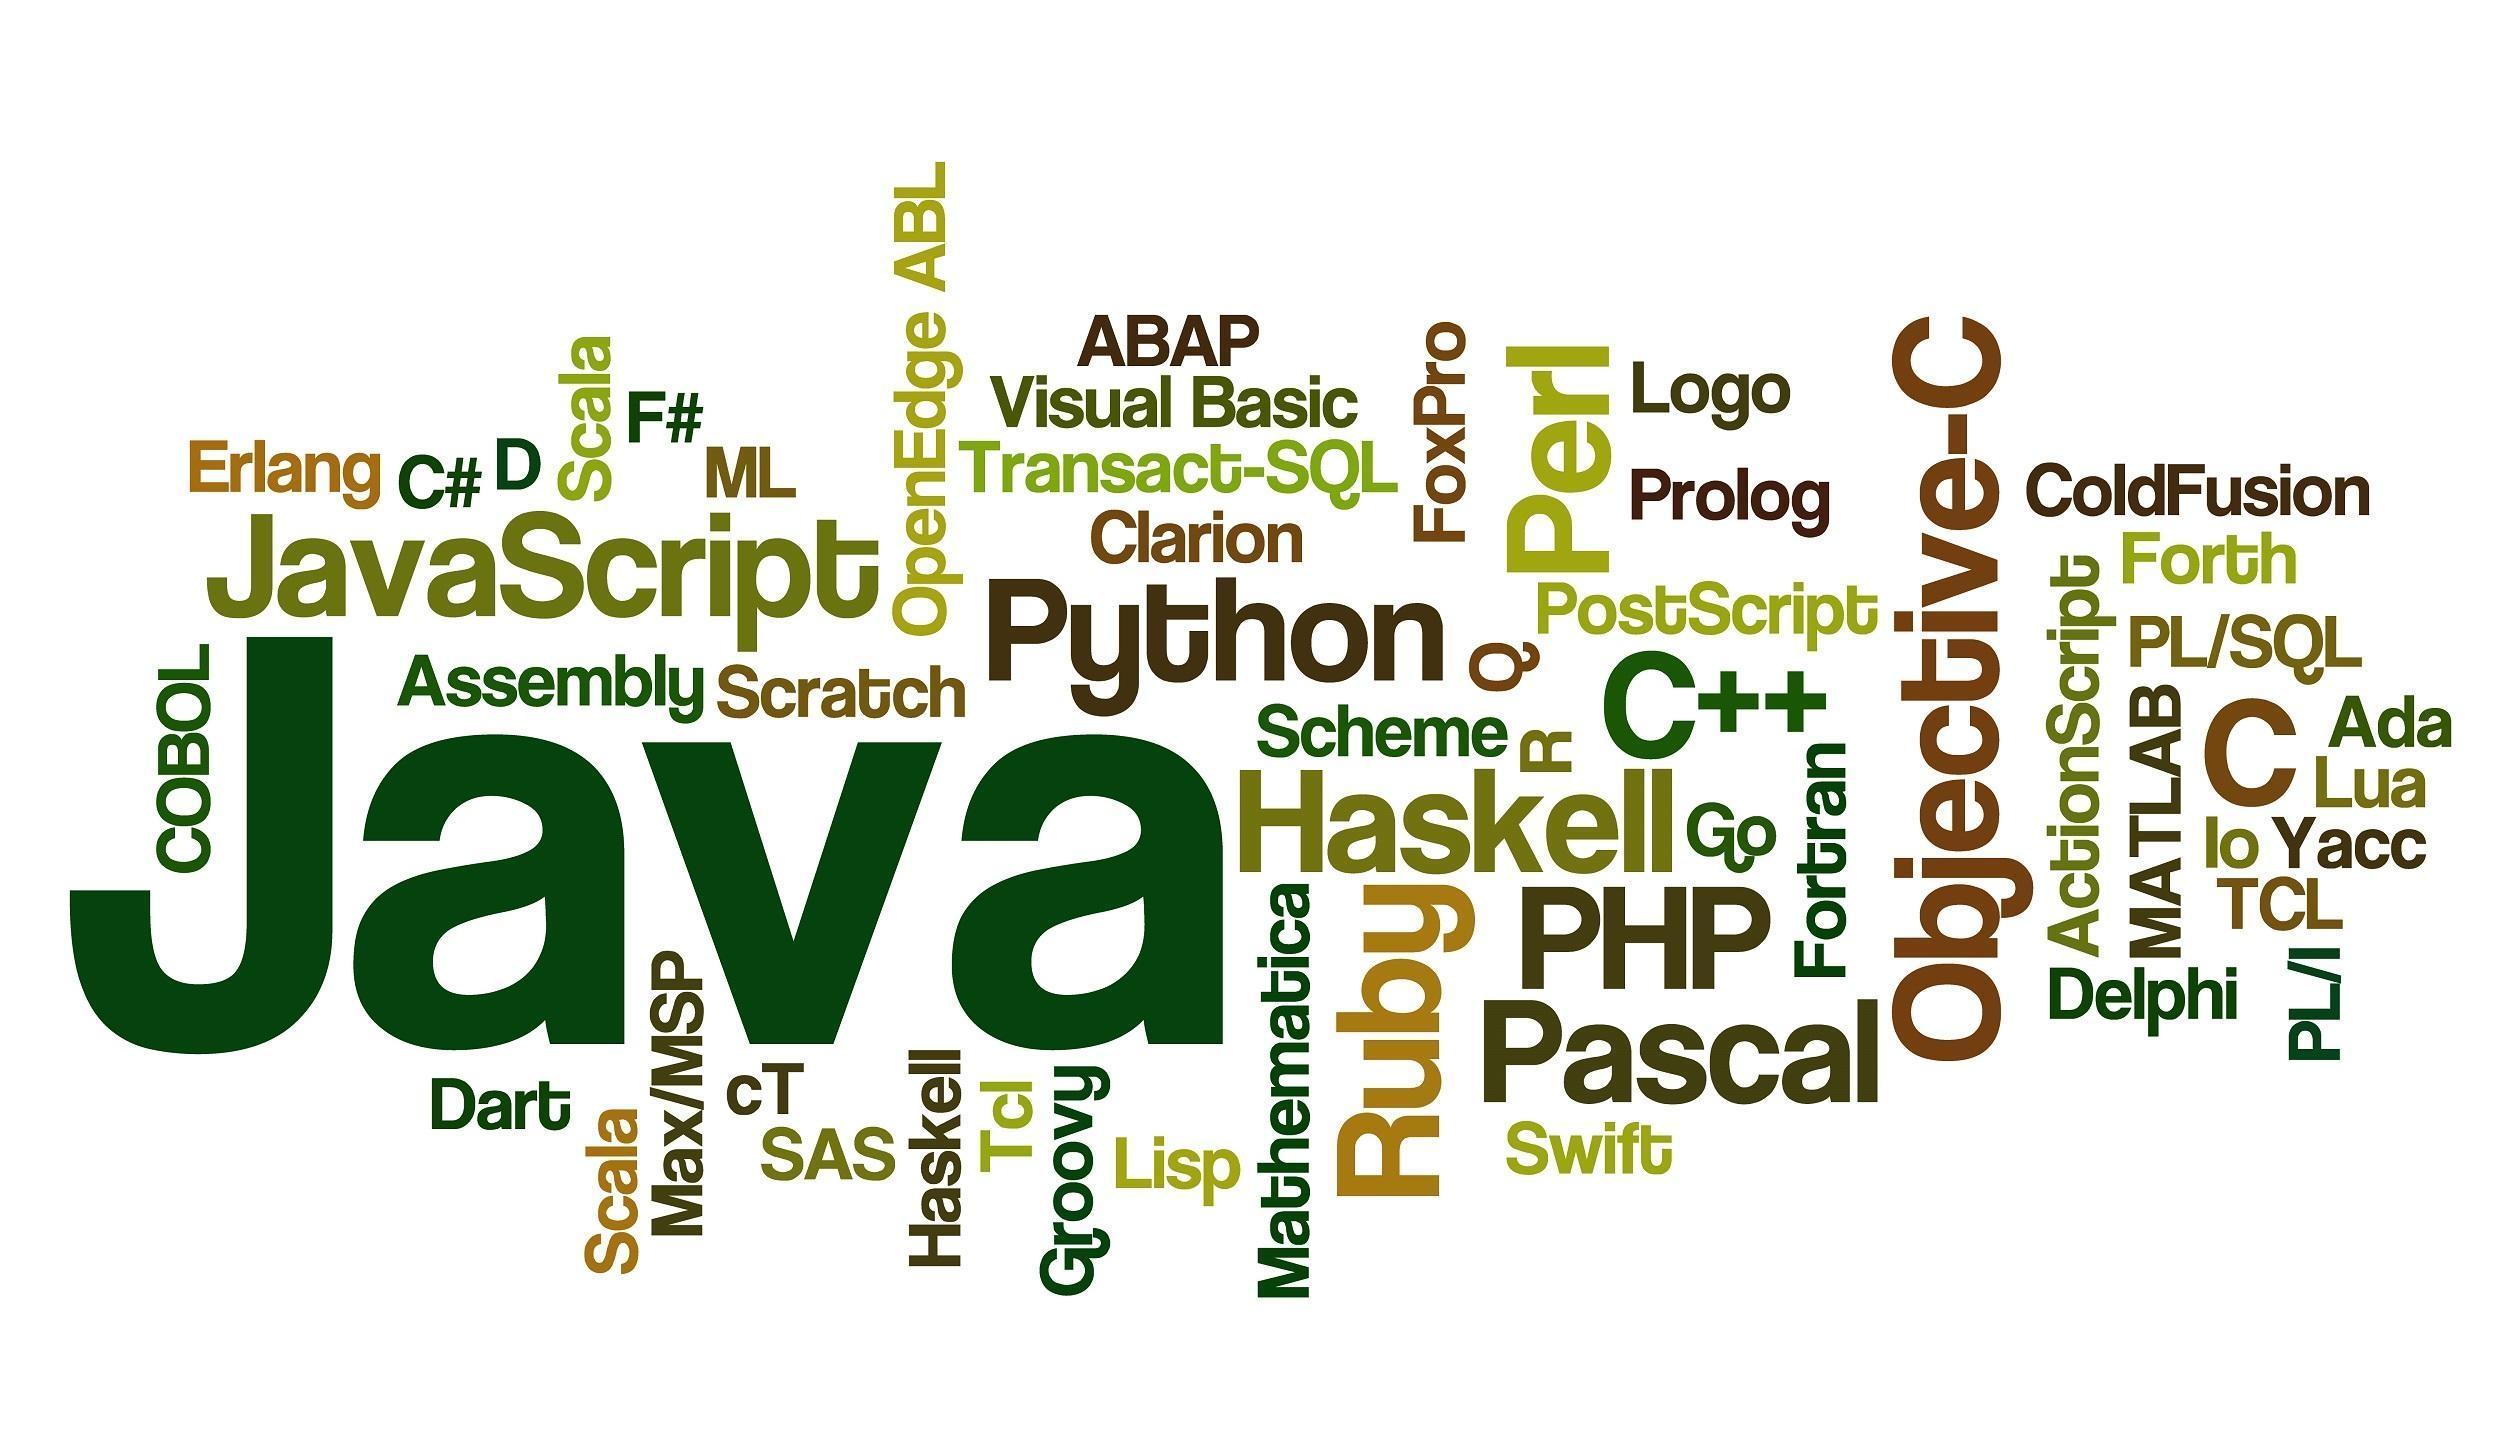 2018年Java工程师的就业形势依然大好